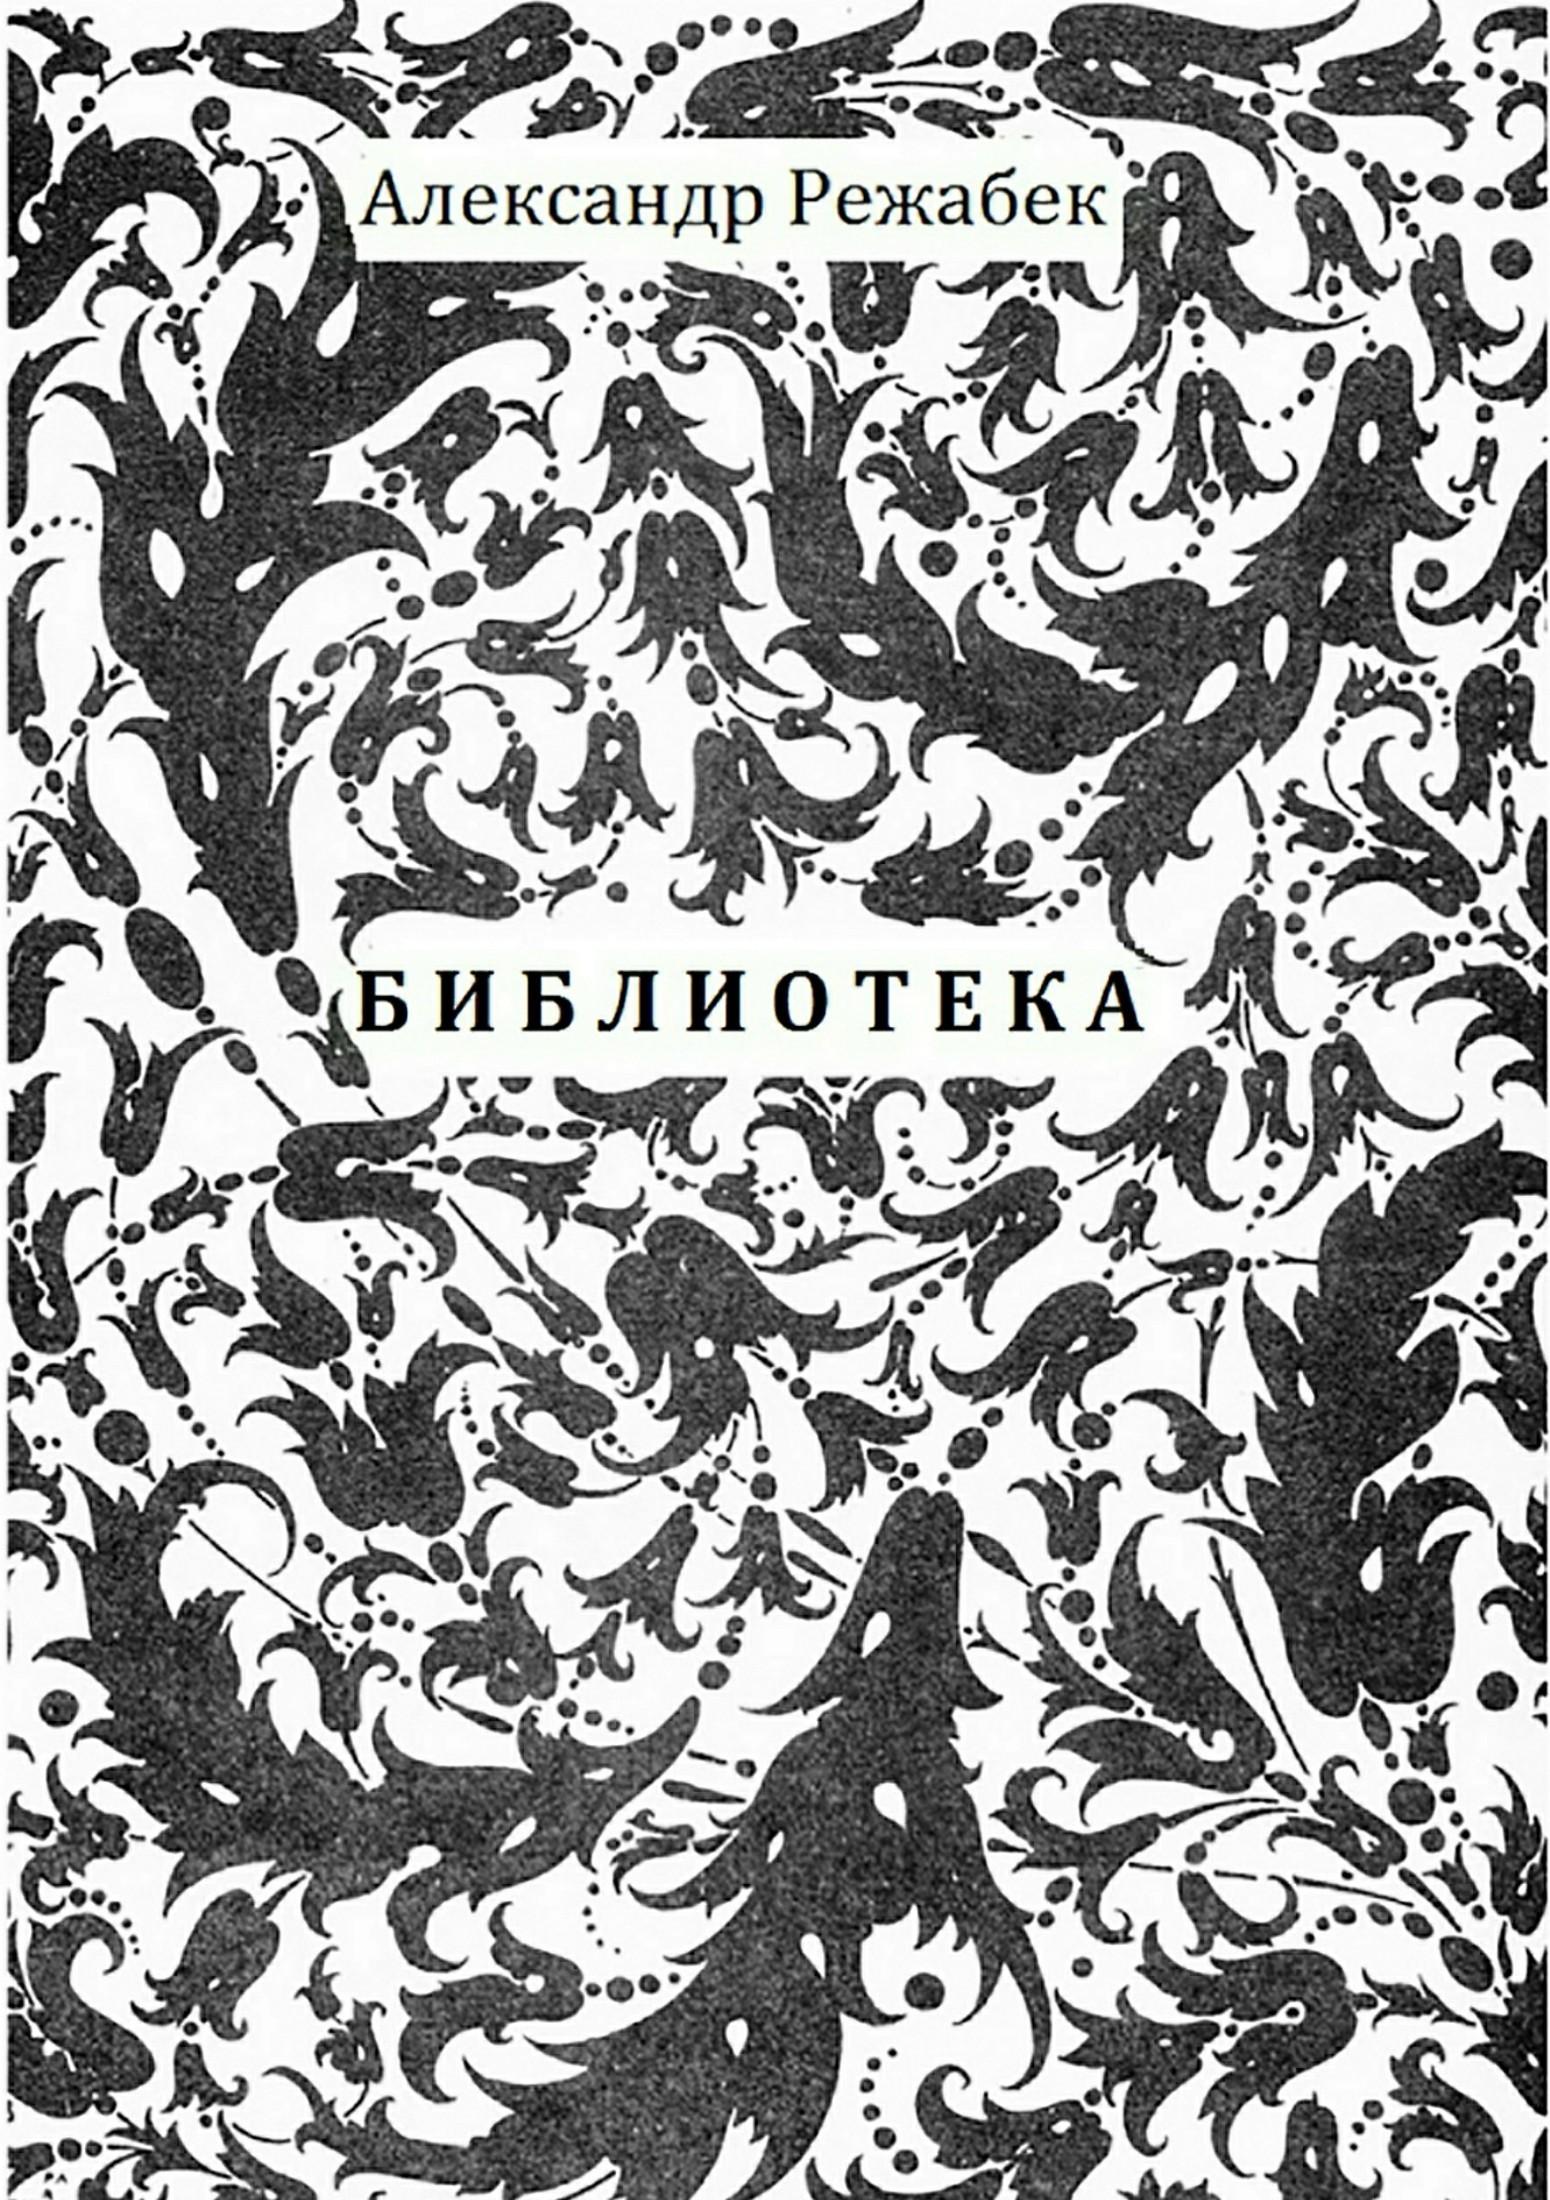 Александр Евгеньевич Режабек Библиотека. Повести татьяна шемякина тайные страсти